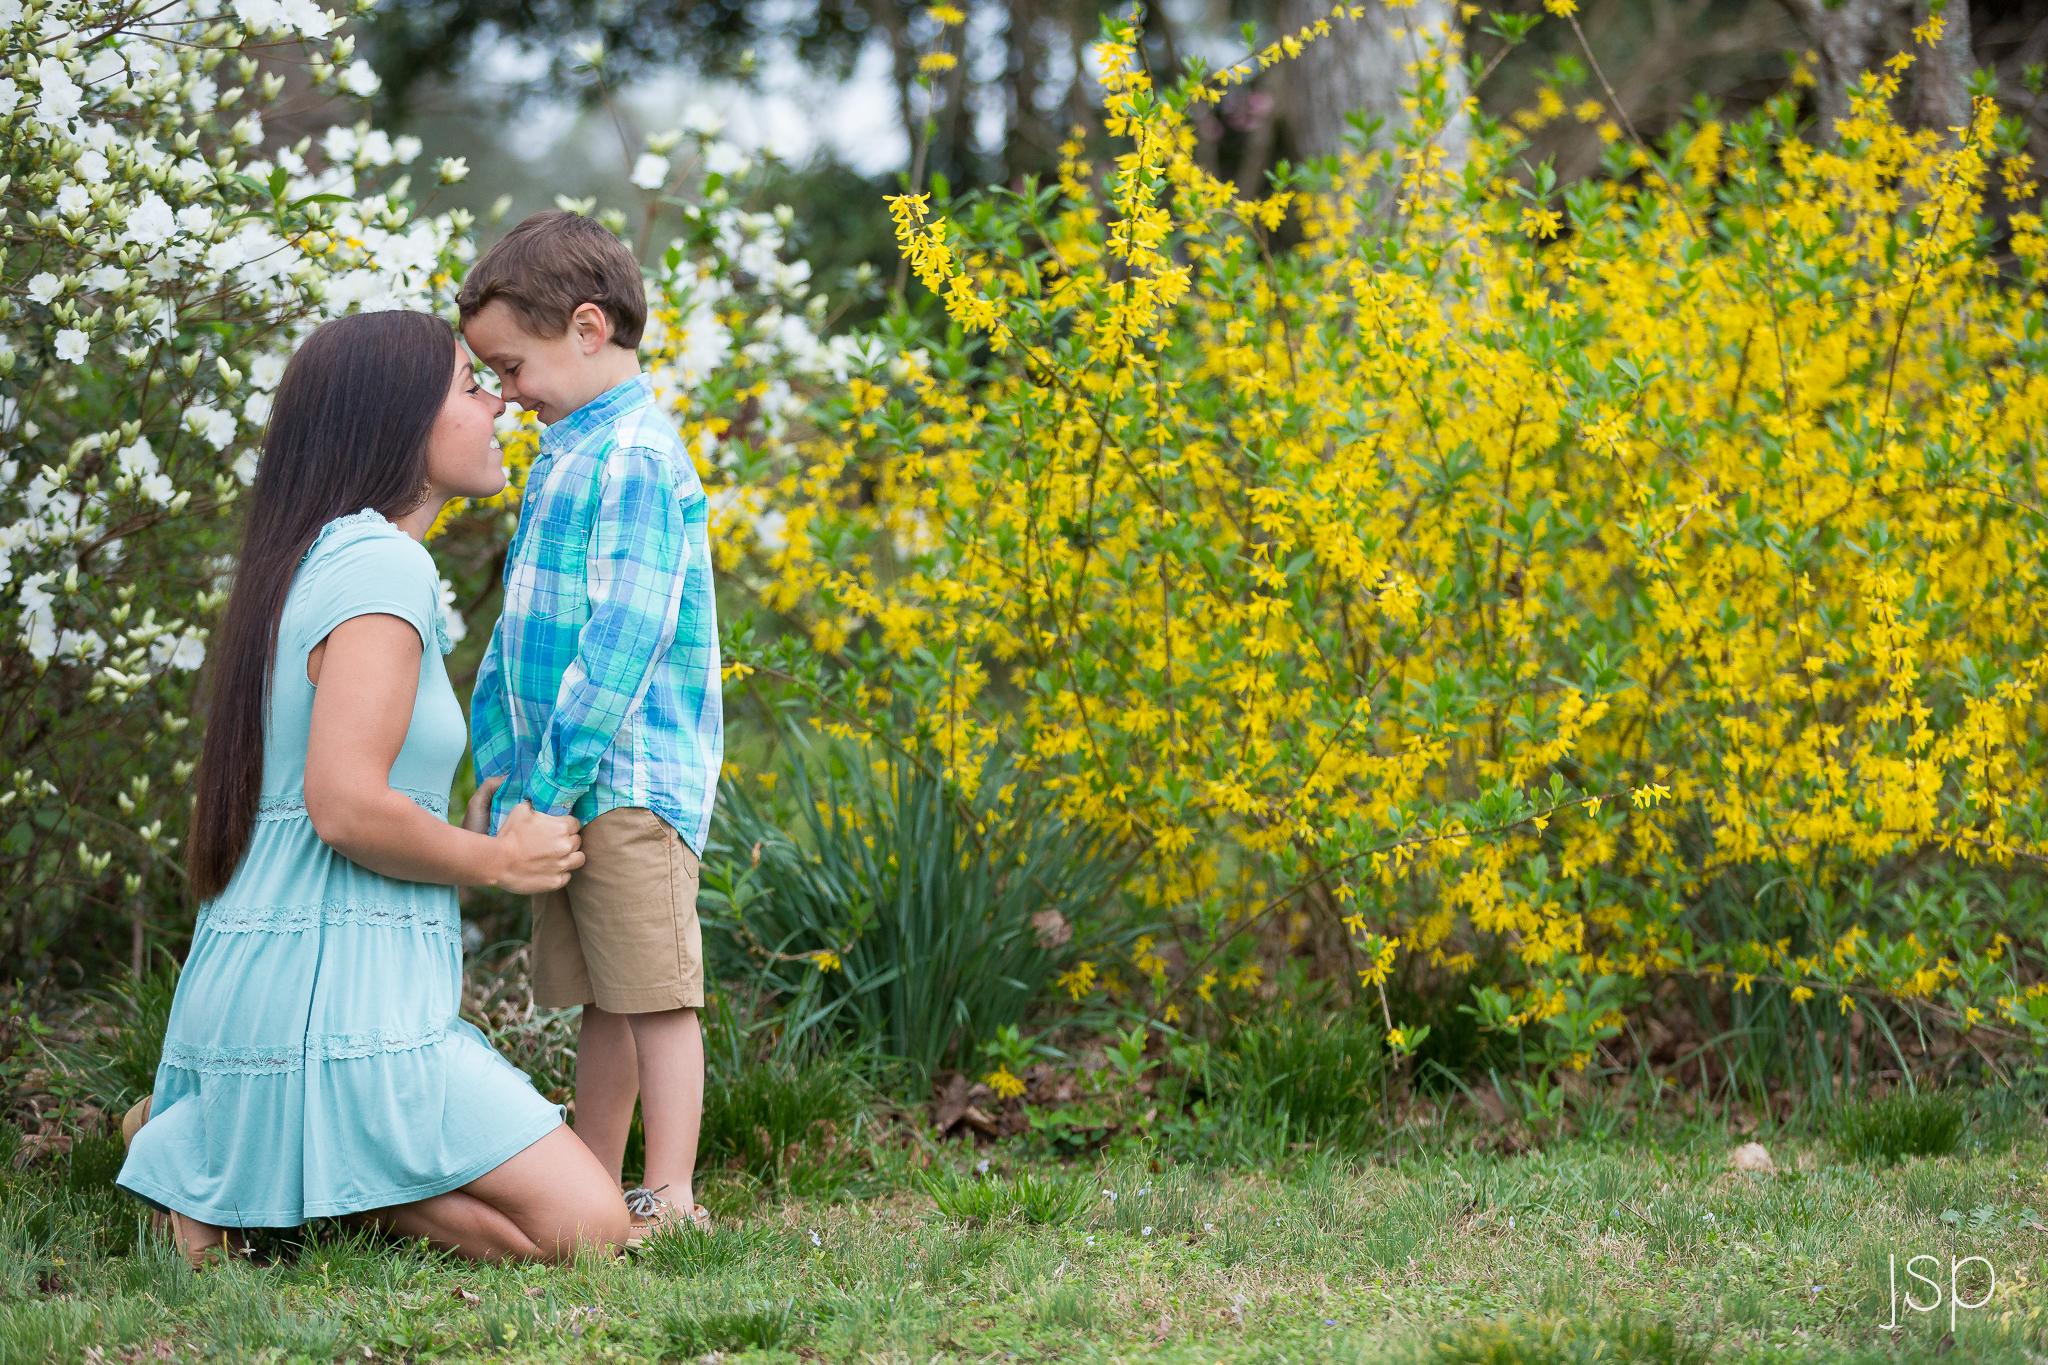 momsonyellowflowers.jpg